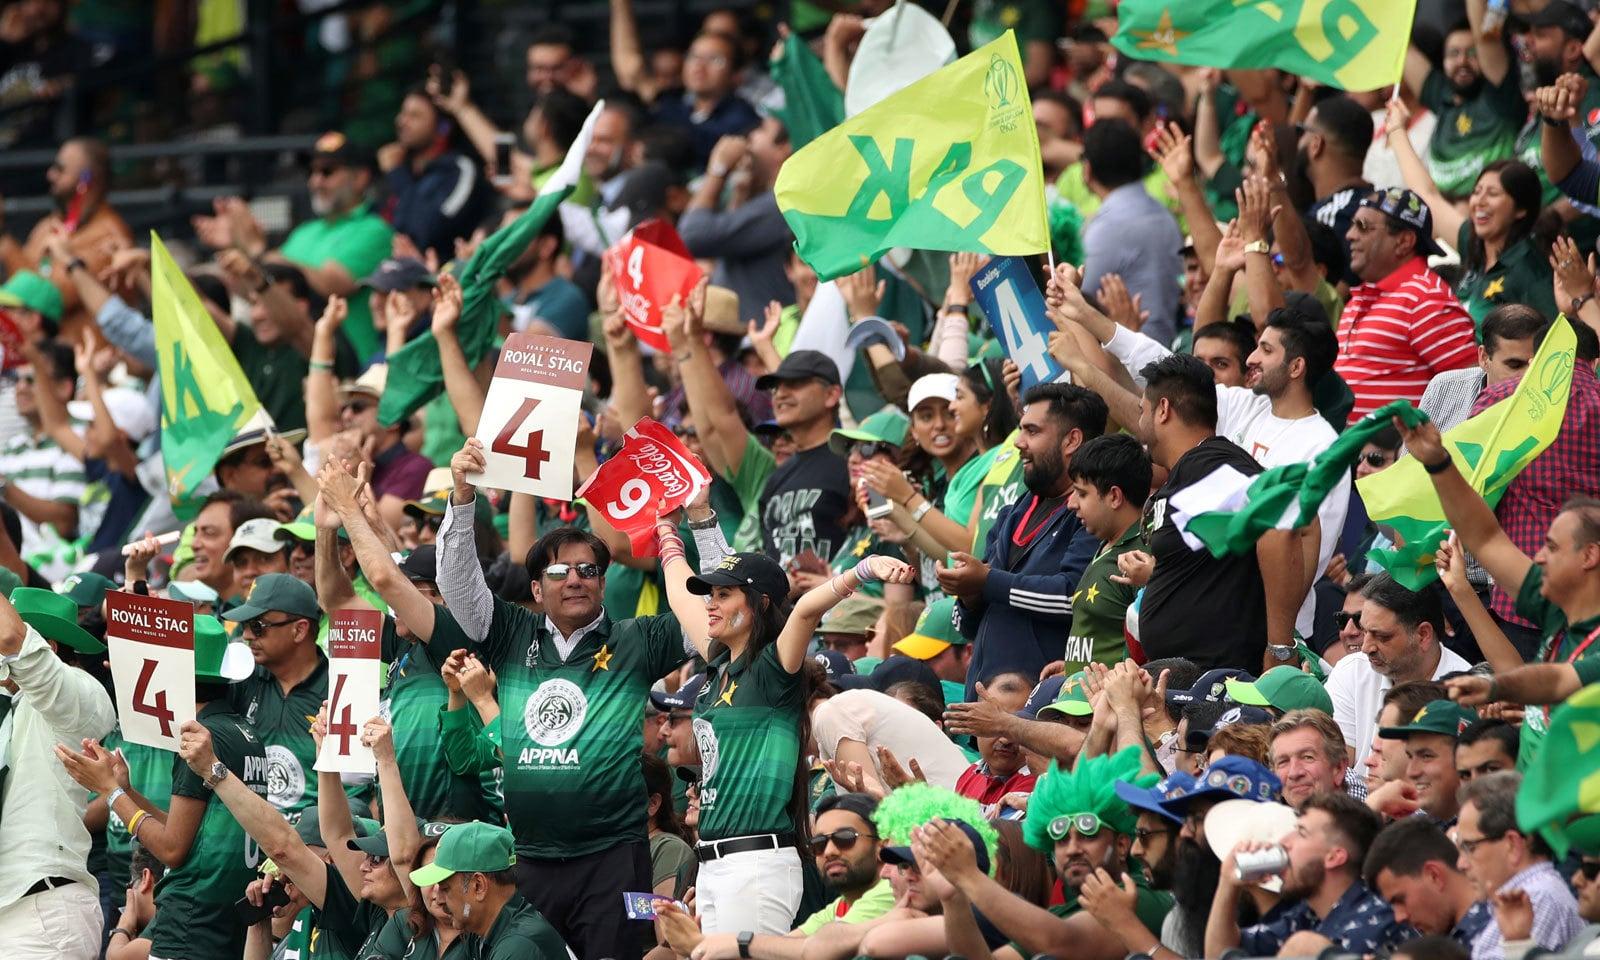 لارڈز میں شائقین کی اکثریت پاکستانی تھی جنہوں نے میچ میں پاکستانی ٹیم کو بھرپور سپورٹ کیا— فوٹو: رائٹرز